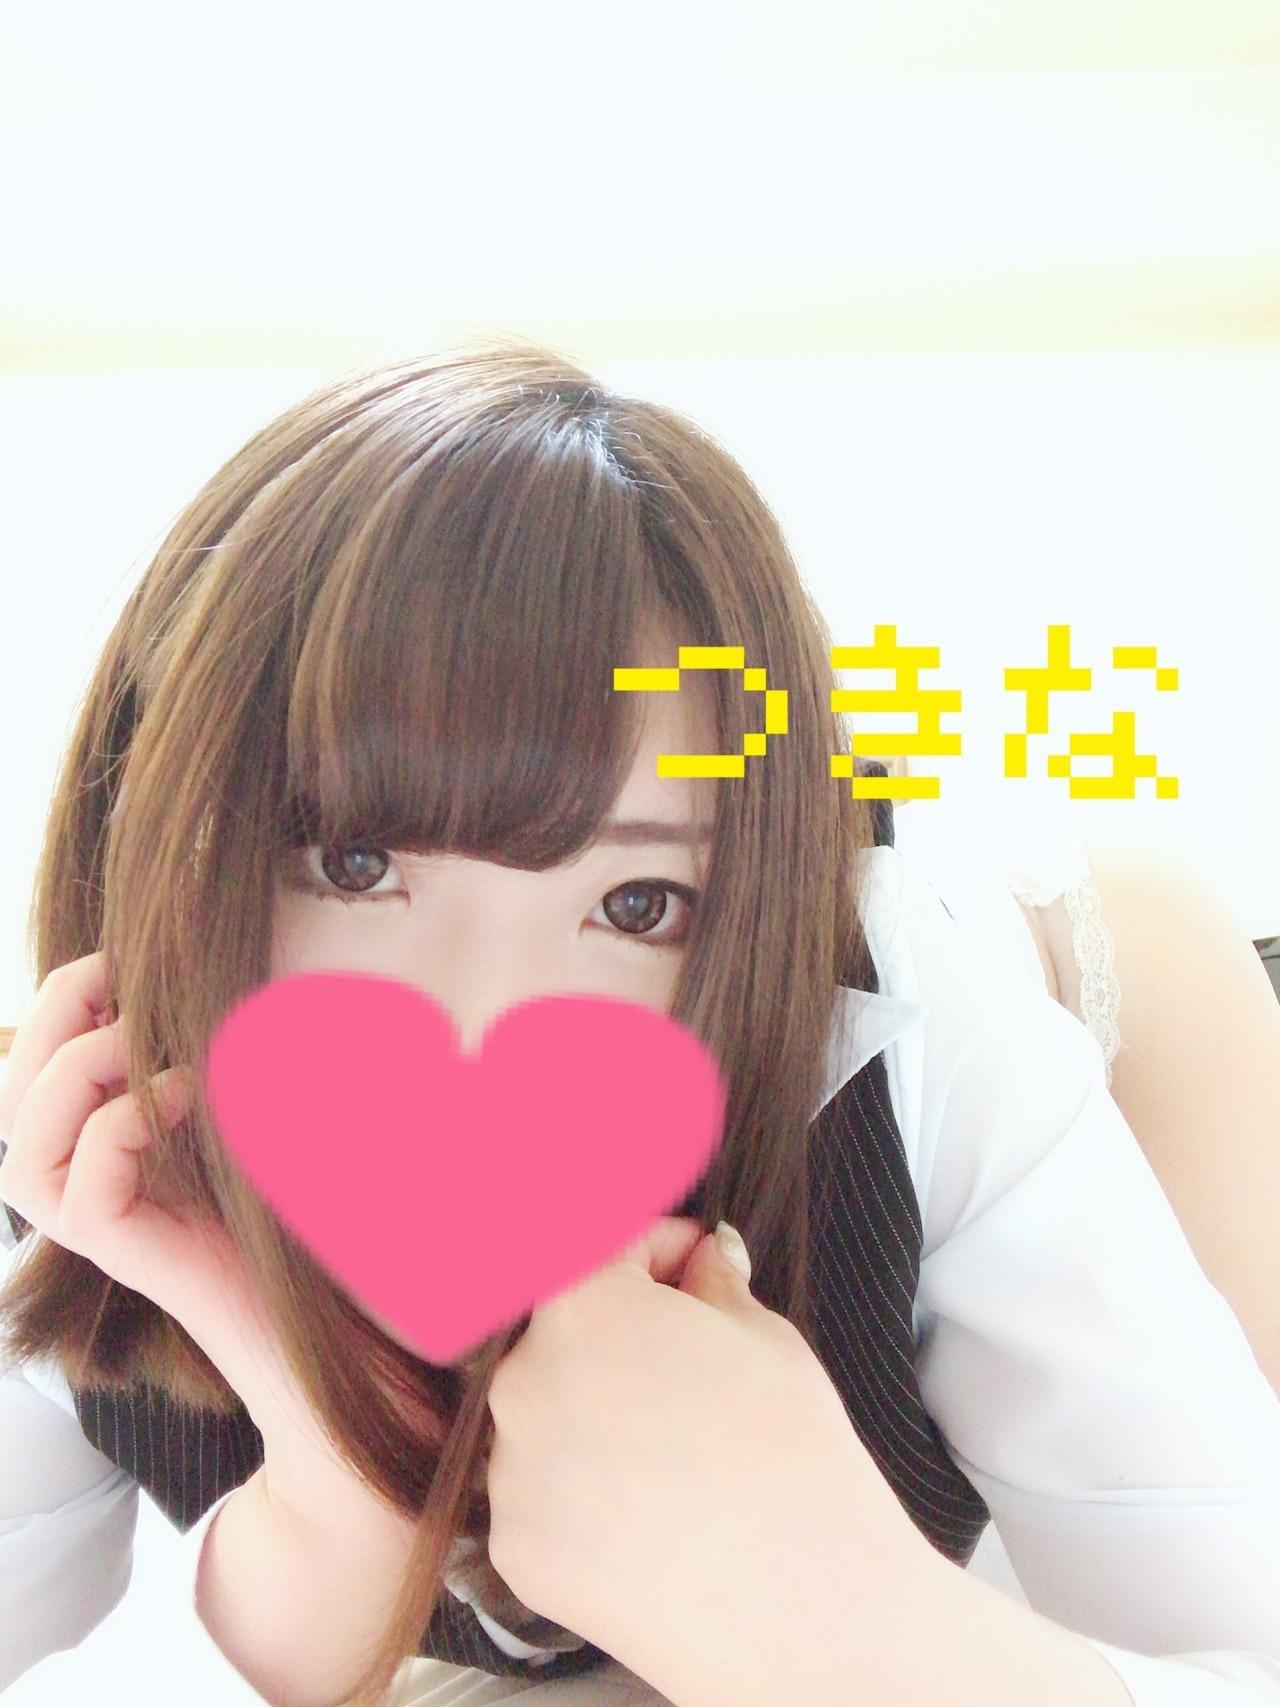 米山 つきな「Go!」06/24(日) 22:20 | 米山 つきなの写メ・風俗動画